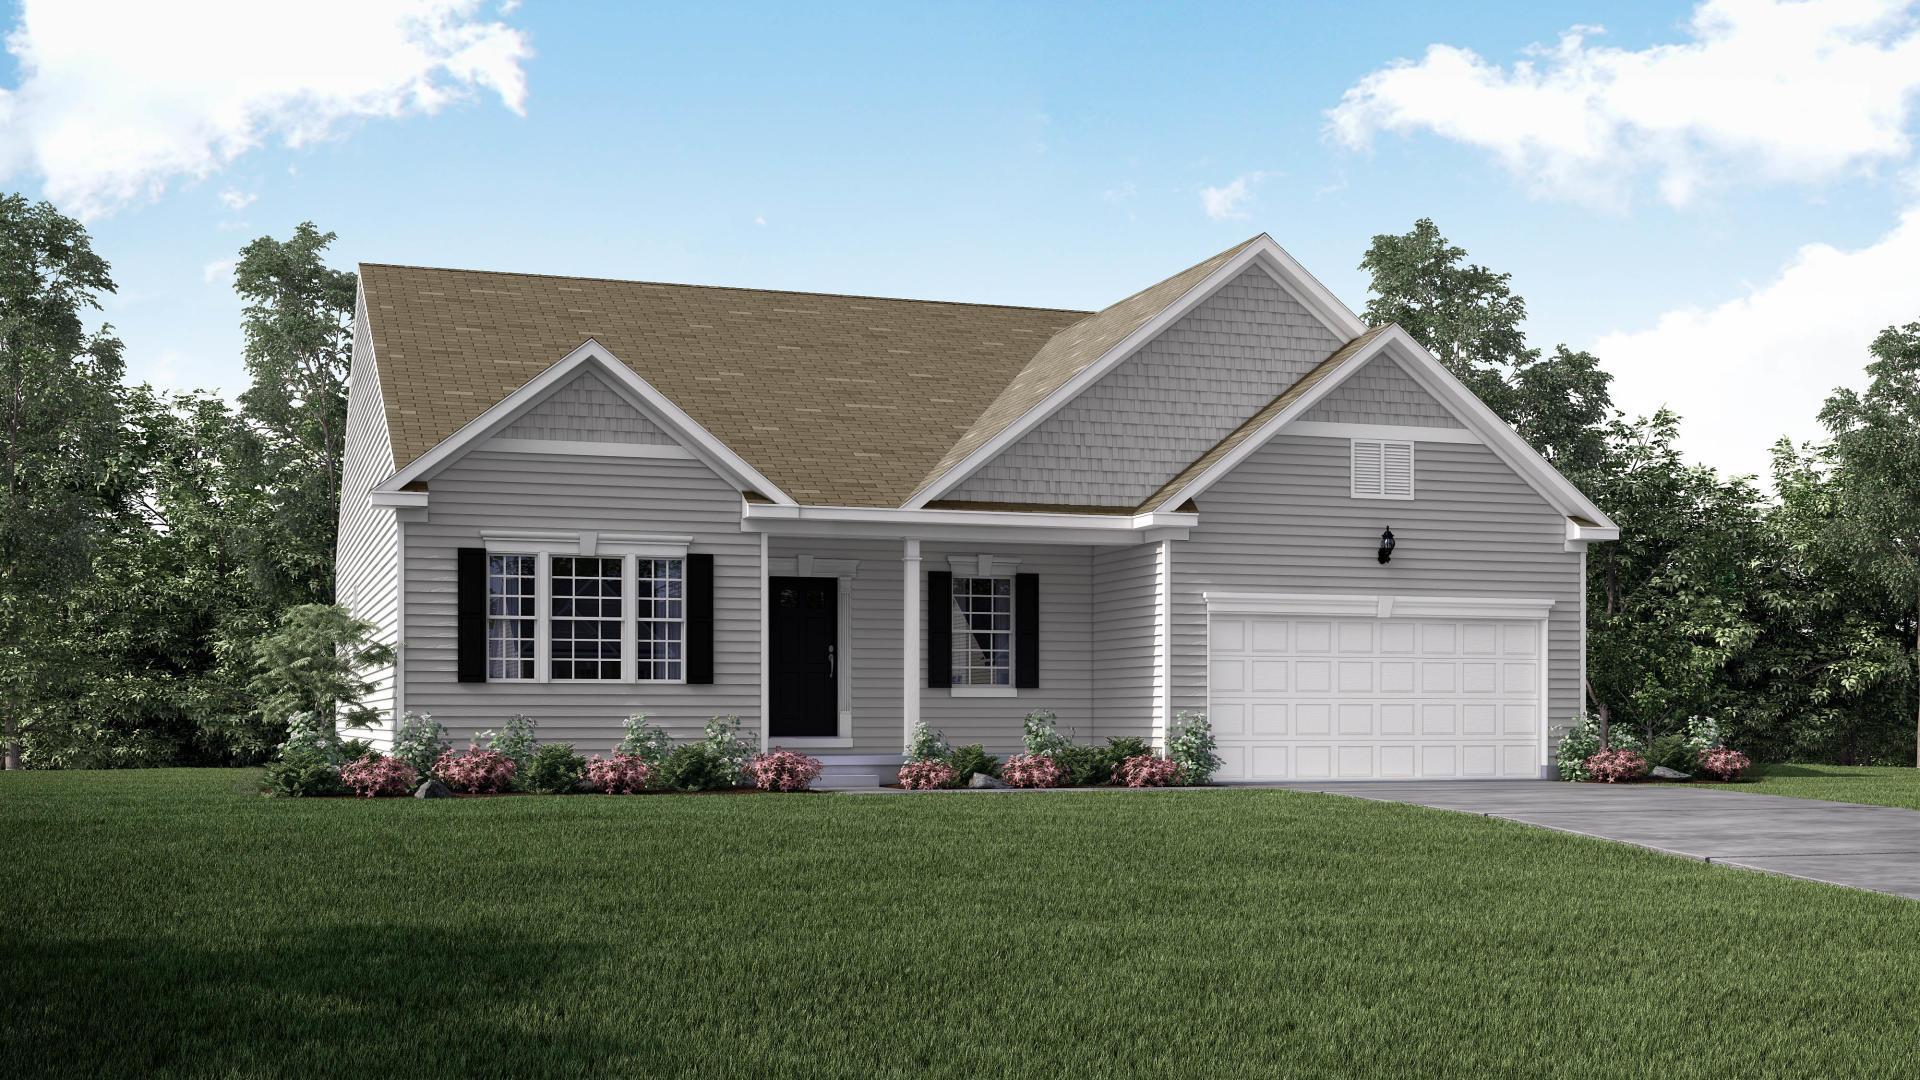 Old Harbor Estates - Wilmington 4026 Mainsail Dr Lewis Center, Ohio 43035 United States